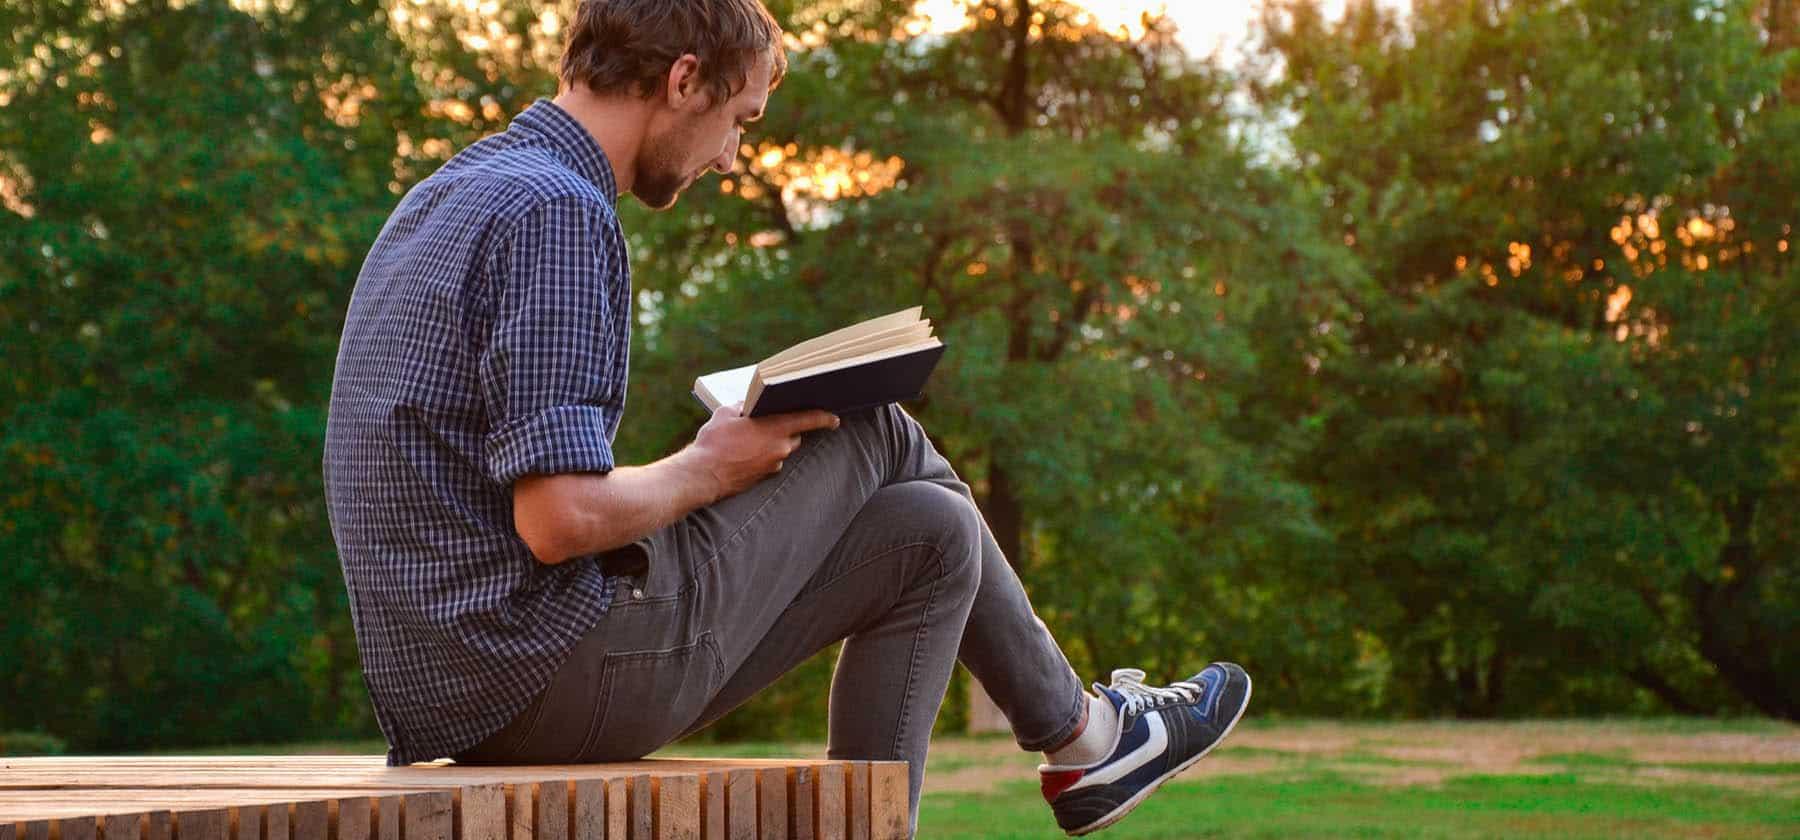 Desarrollador de software leyendo un libro en el bosque